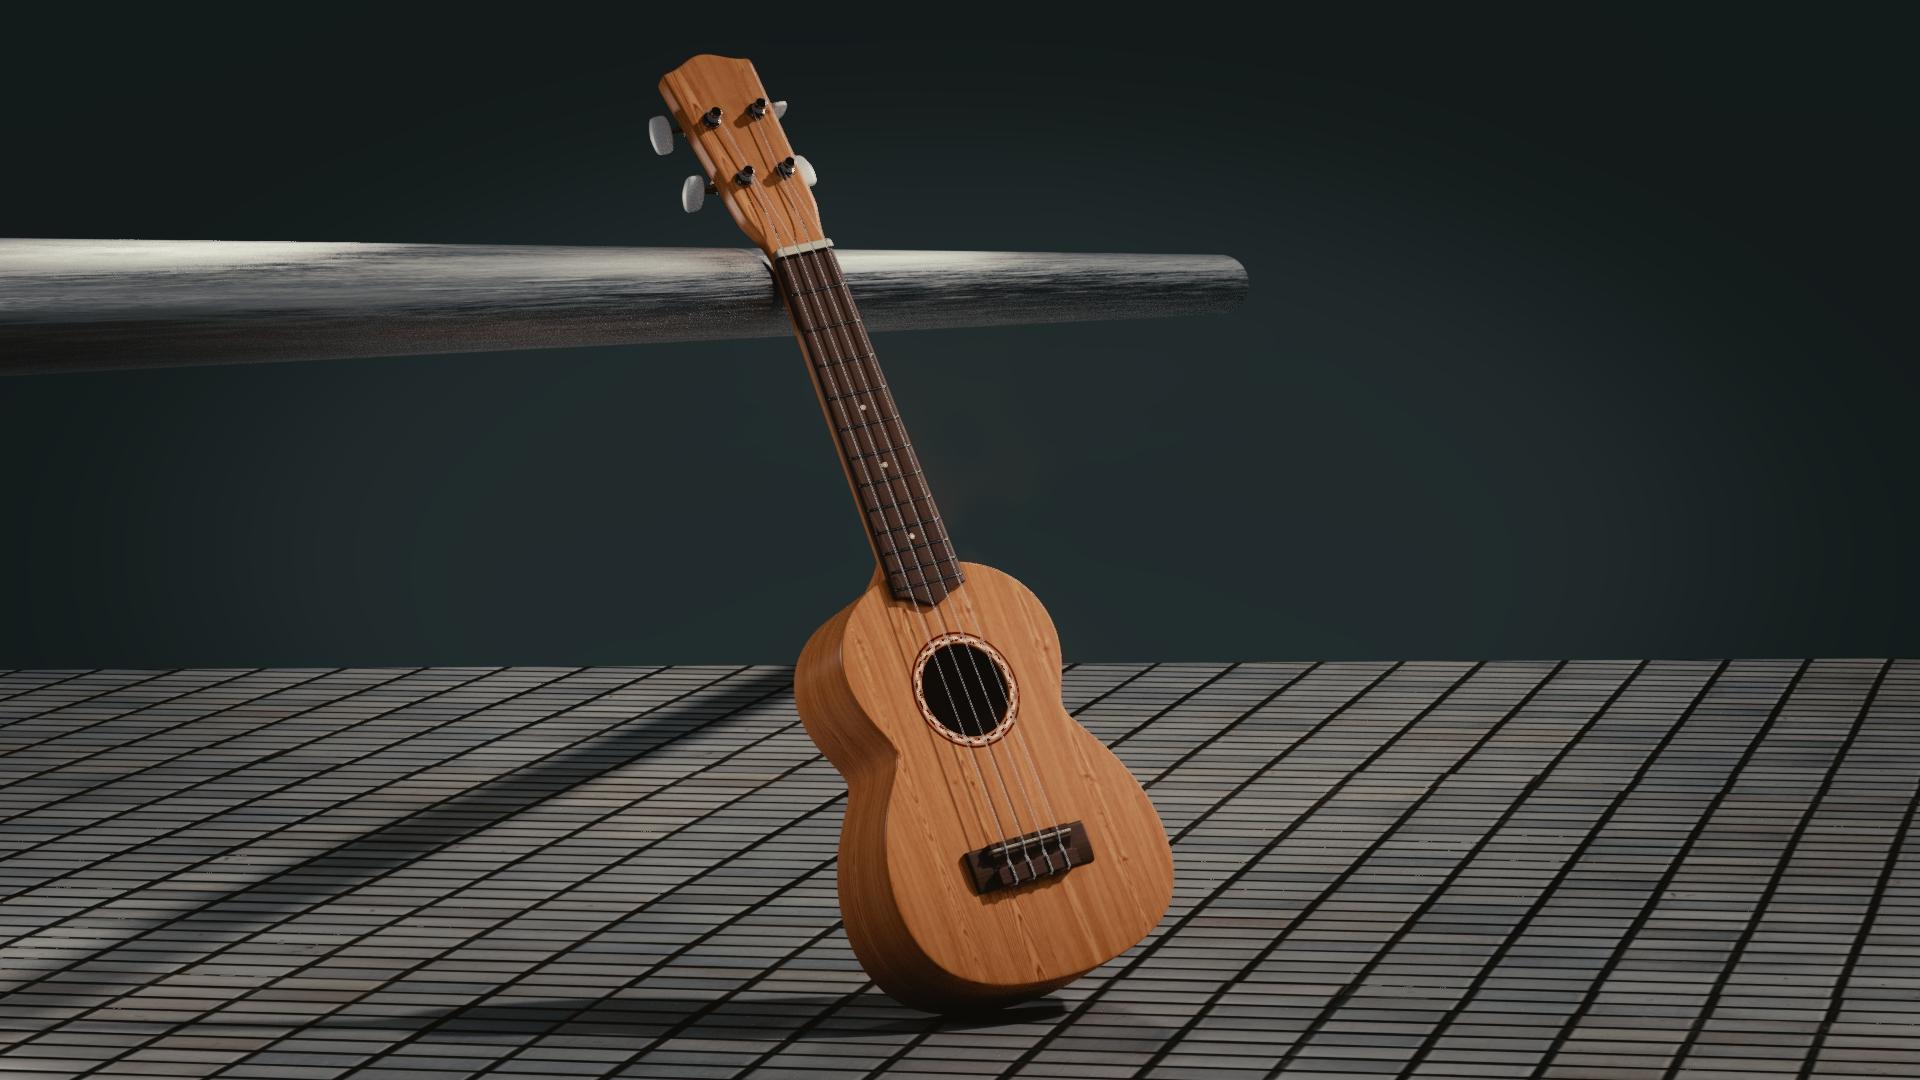 guitar, 3d, space, full hd wallpaper